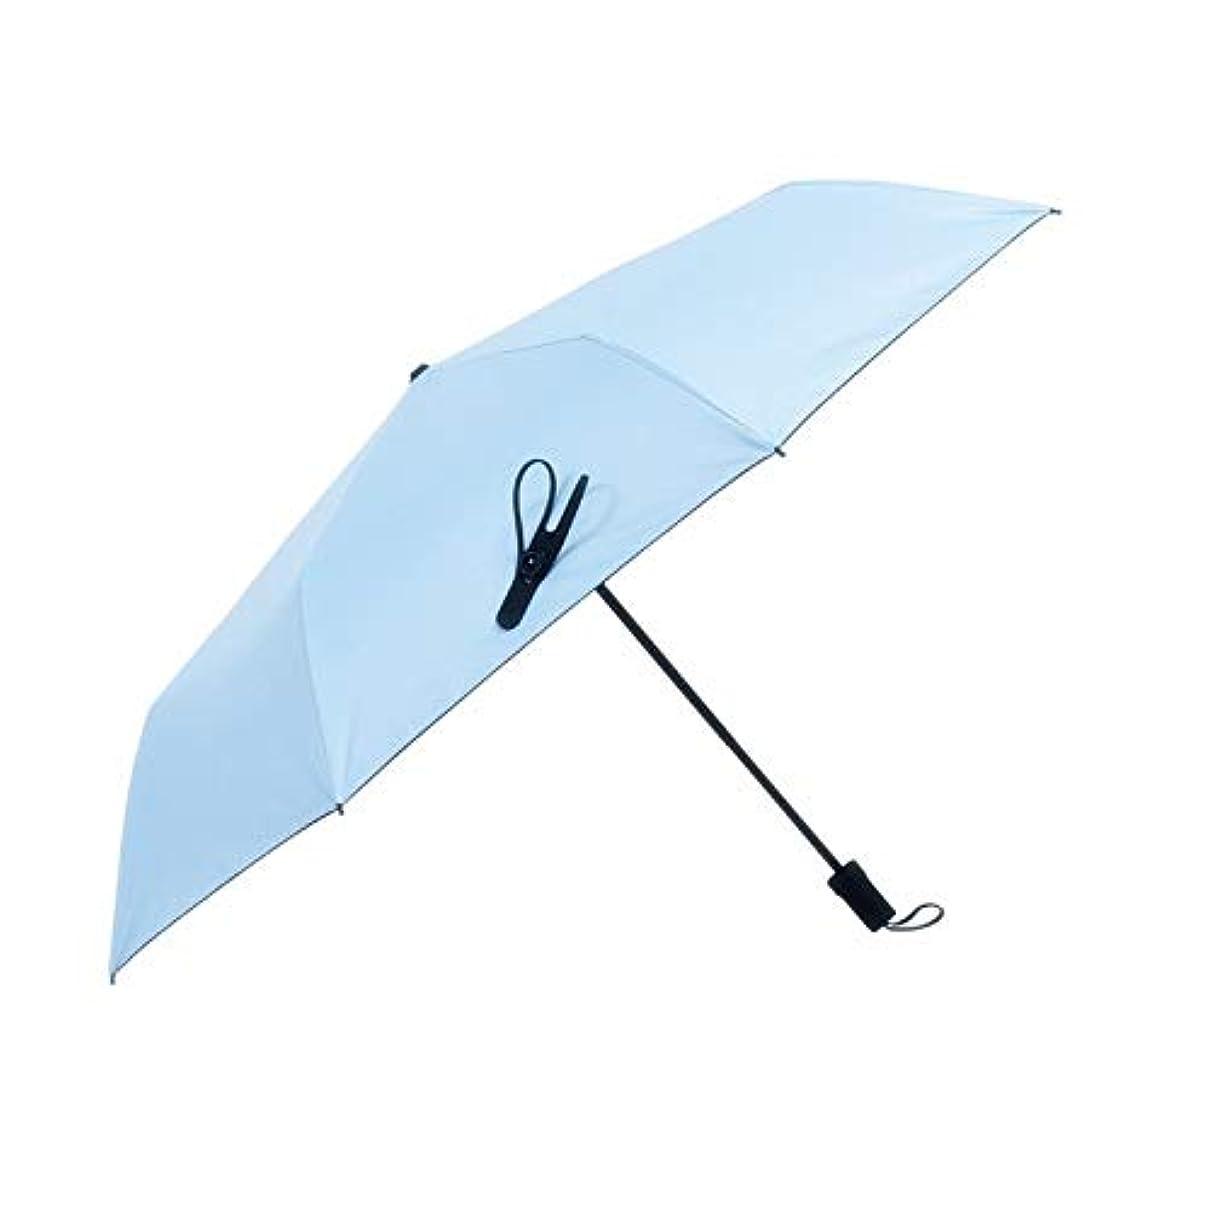 通貨薄いタオルHAPPY HOME 三つ折り傘ハンドオープン8骨黒プラスチック無地太陽傘スーパー日焼け止めUV傘